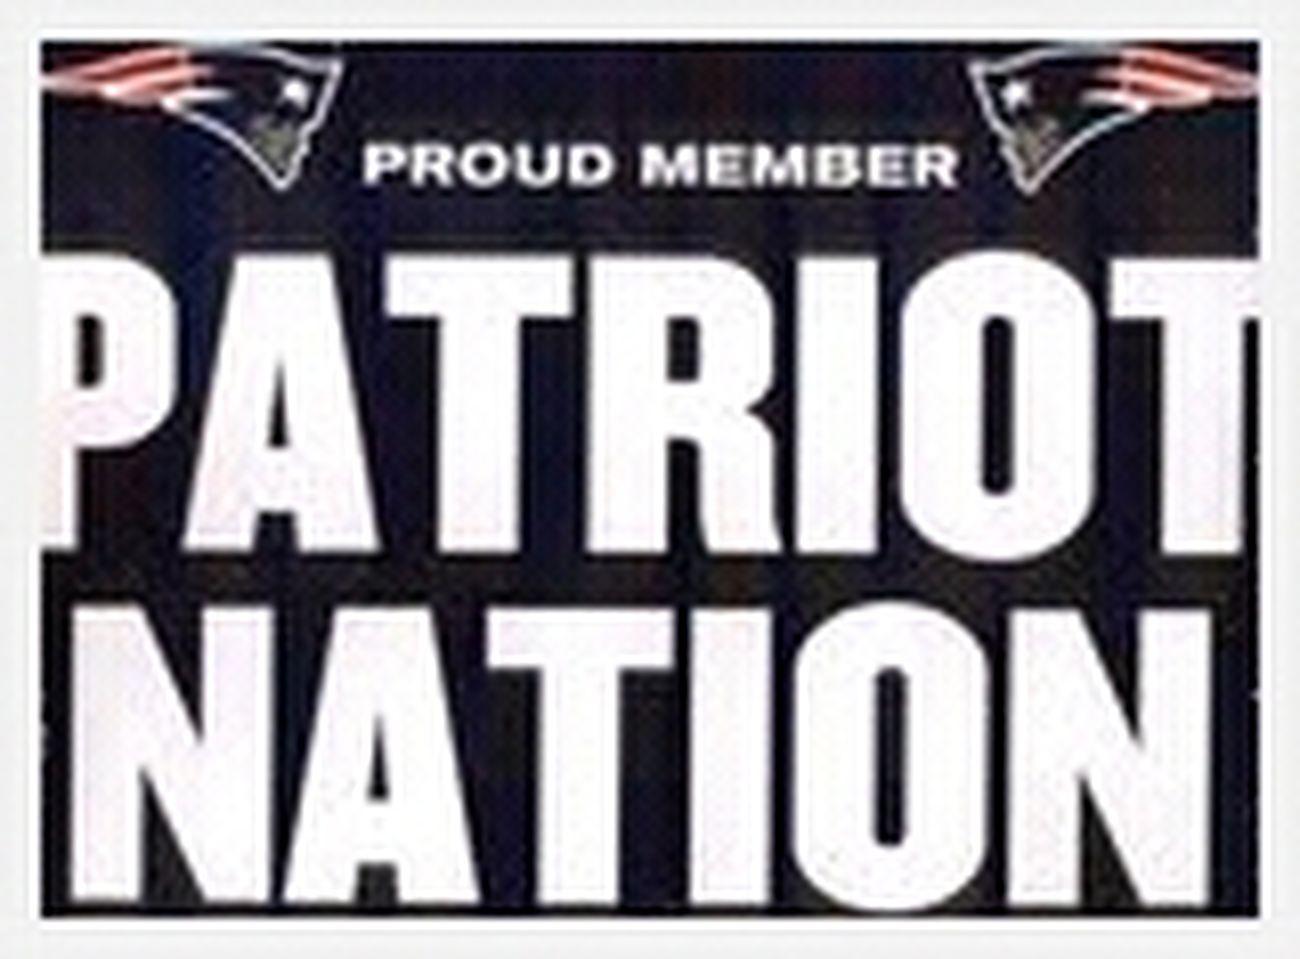 Patriots baby! lets go!!!